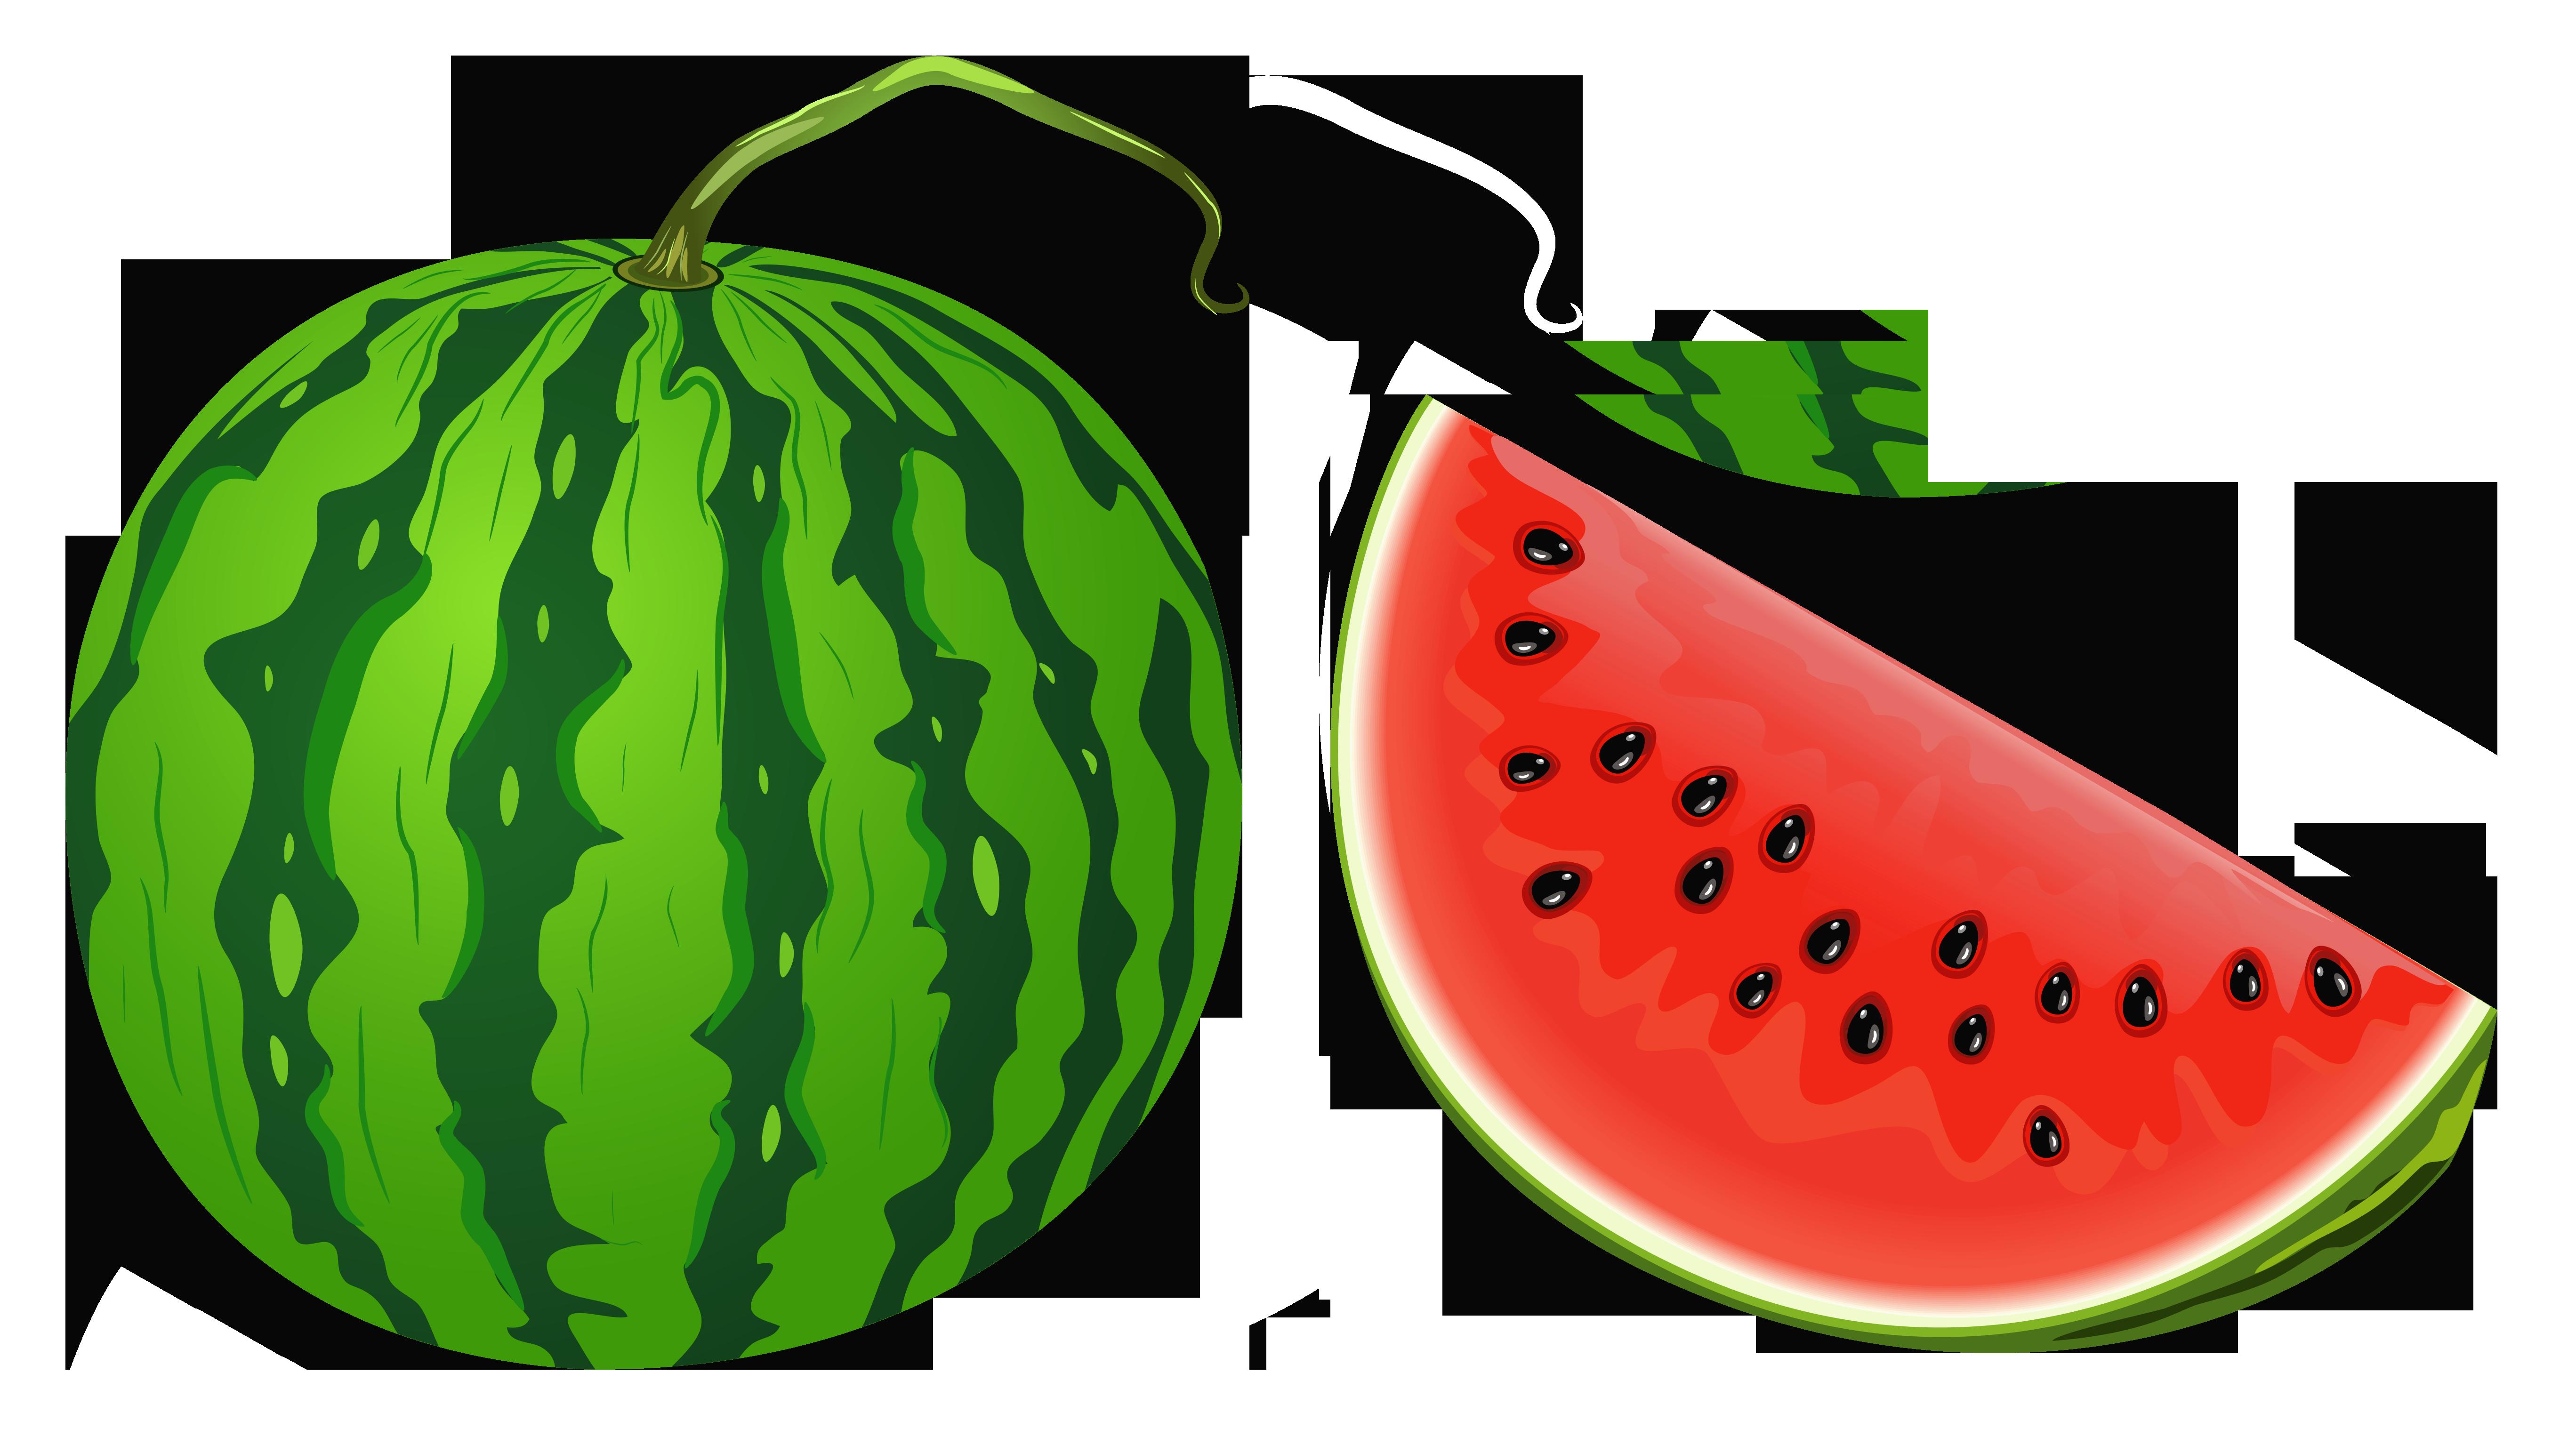 Watermelon clipart different fruit. Clip art melon png